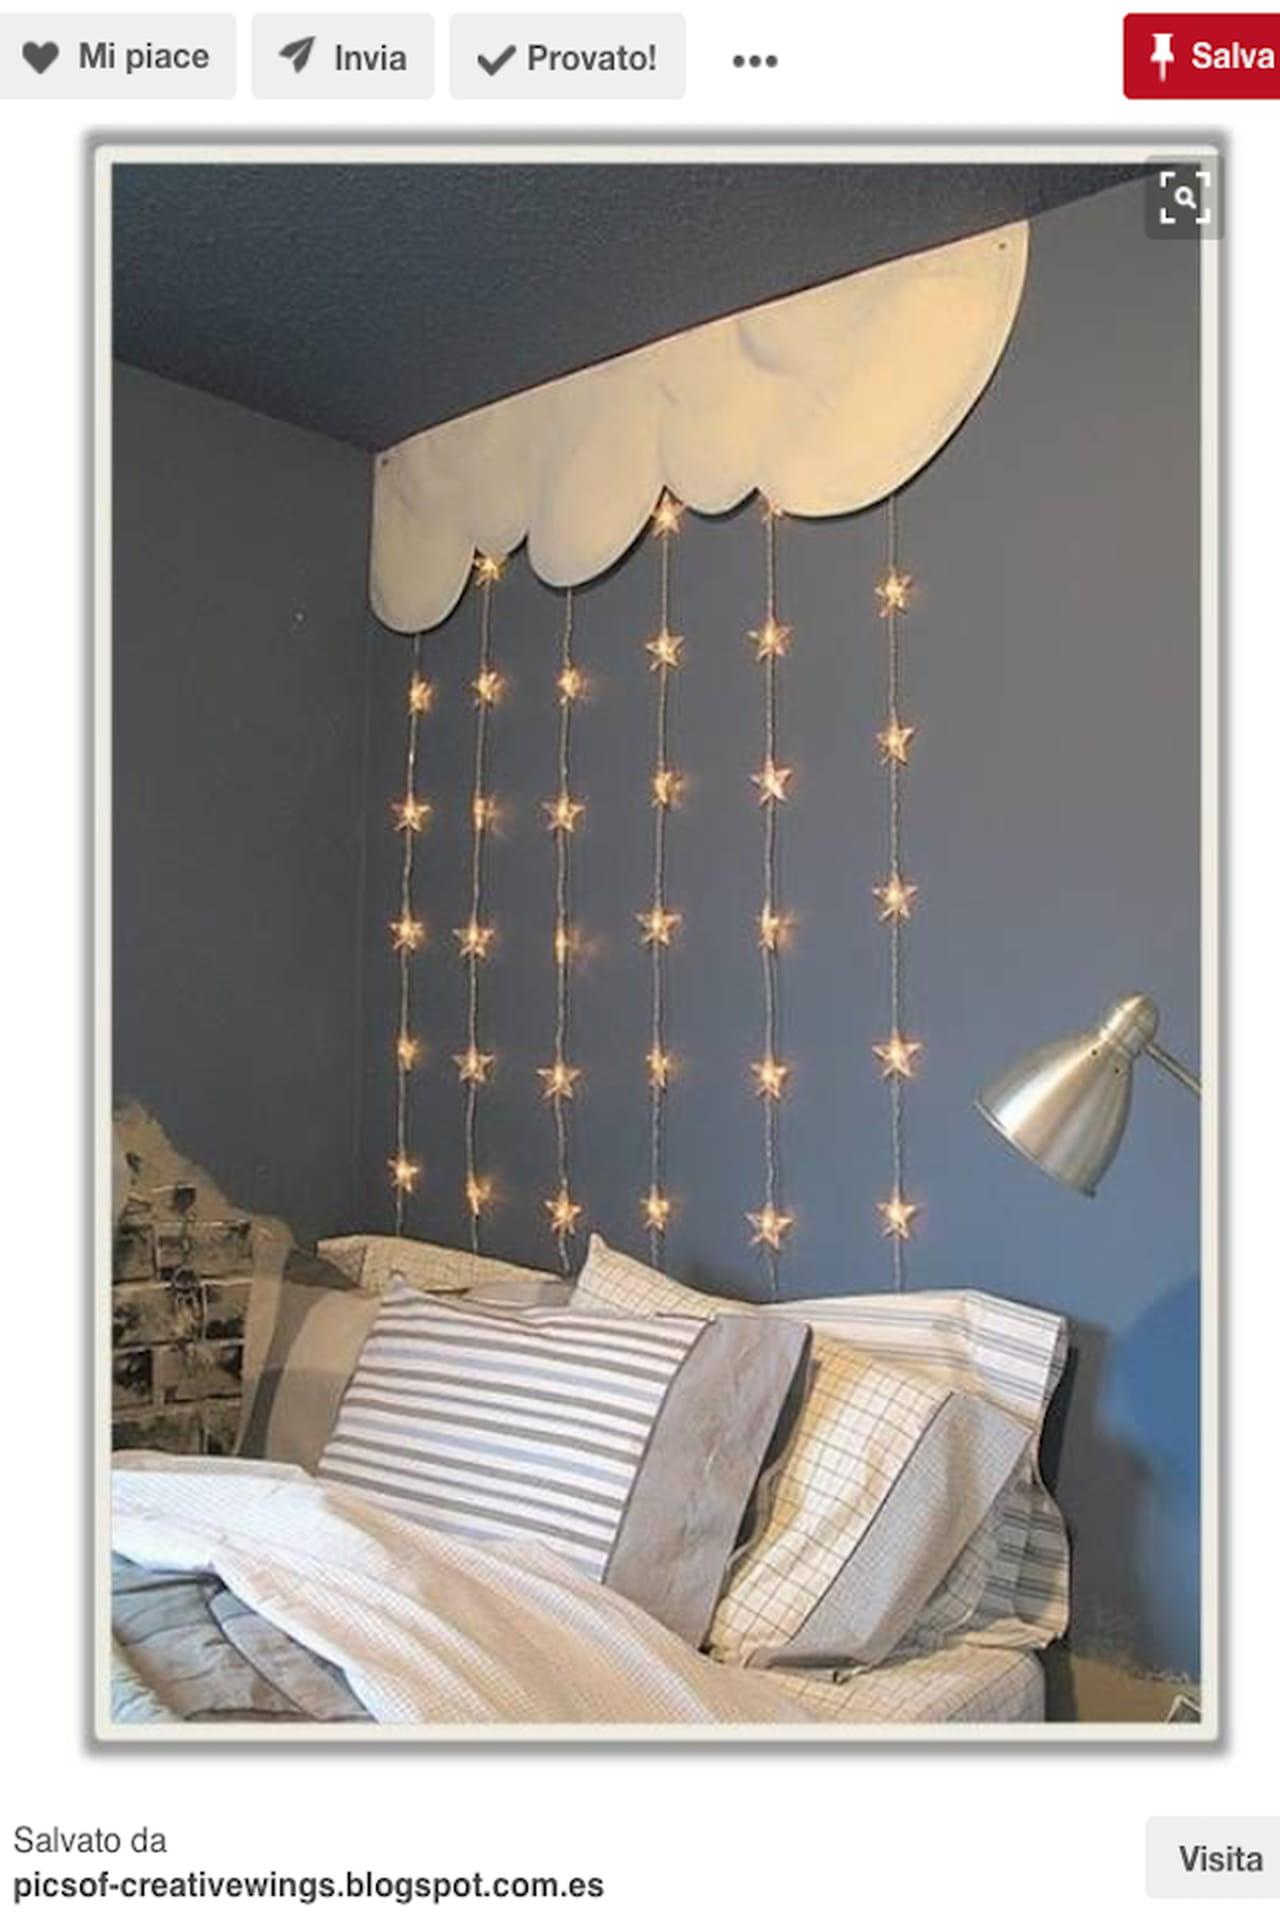 Testiera letto fai da te imbottita di legno idee da pinterest - Testiera letto fai da te cuscini ...